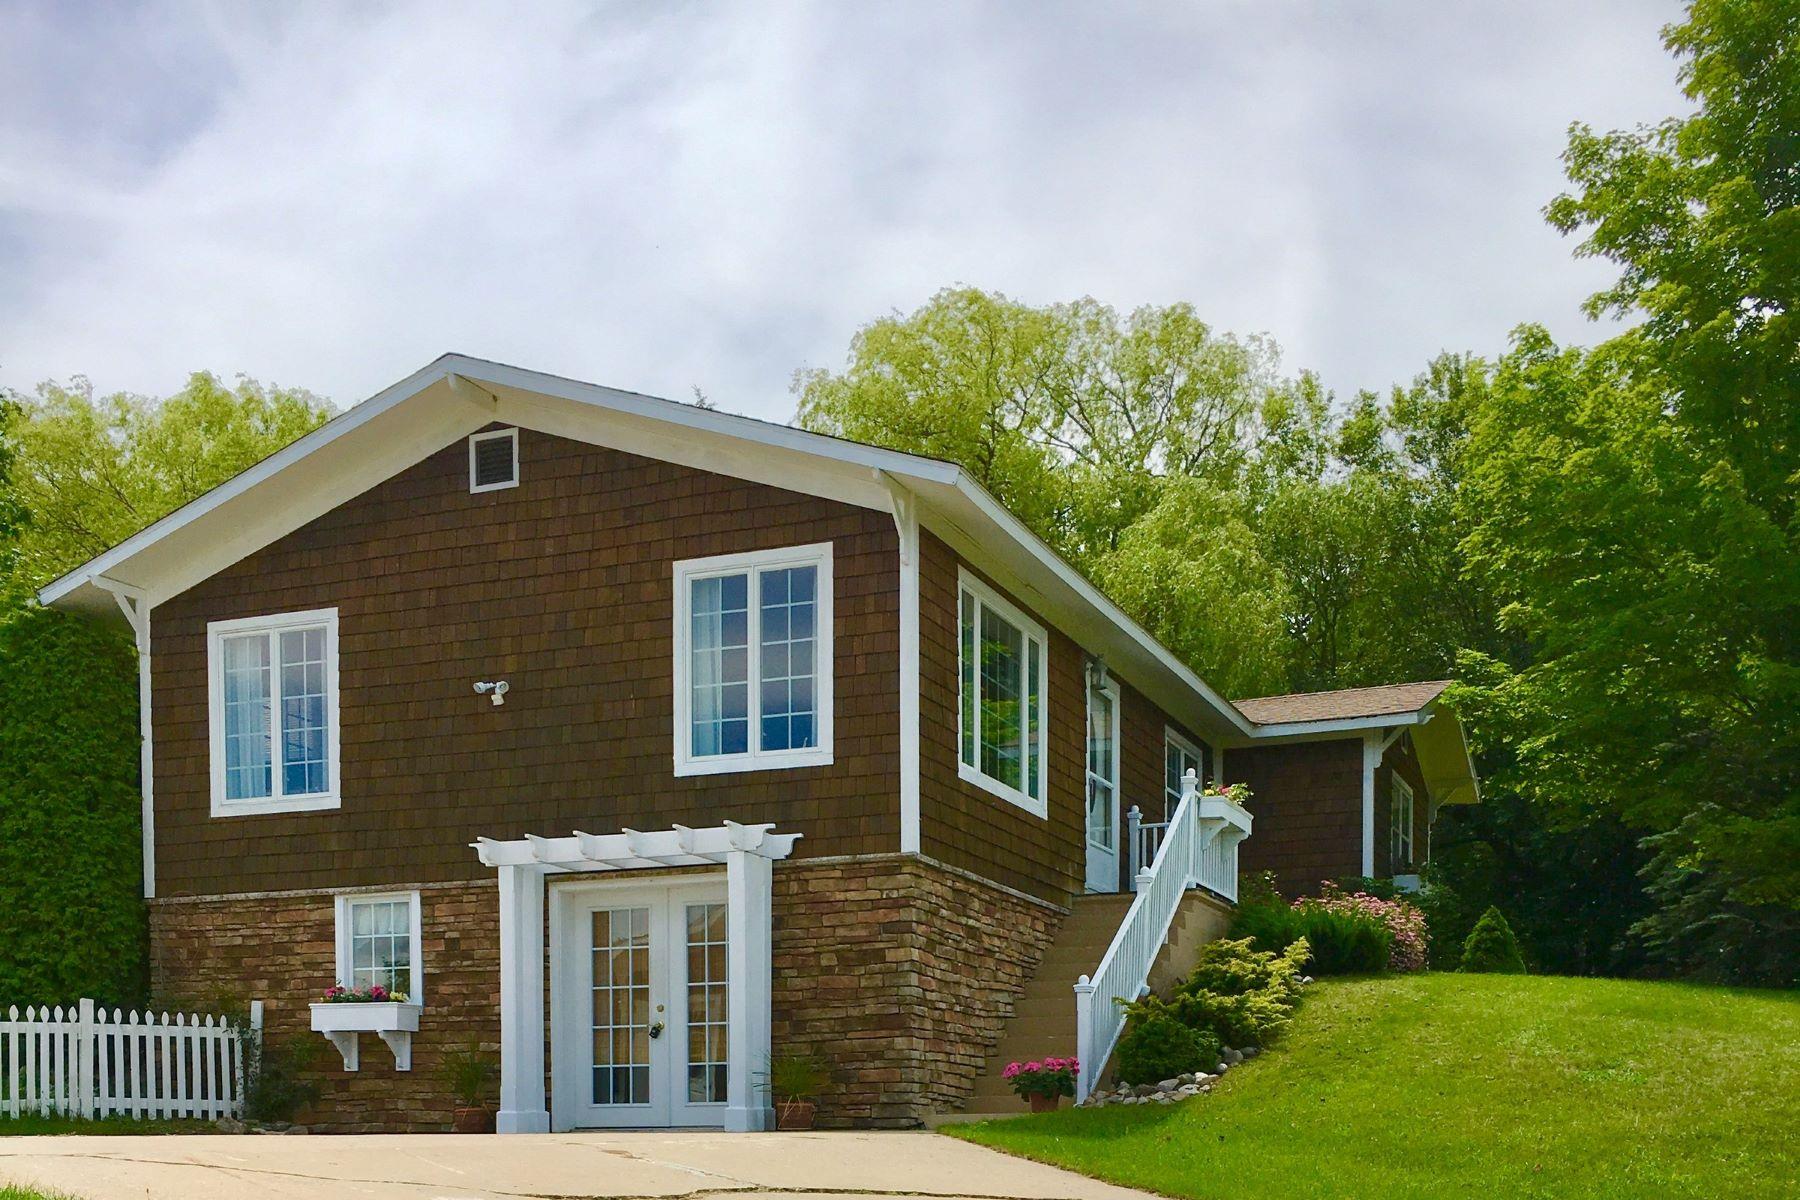 独户住宅 为 销售 在 1034 North Fletcher Road 佩托斯基, 密歇根州, 49770 美国